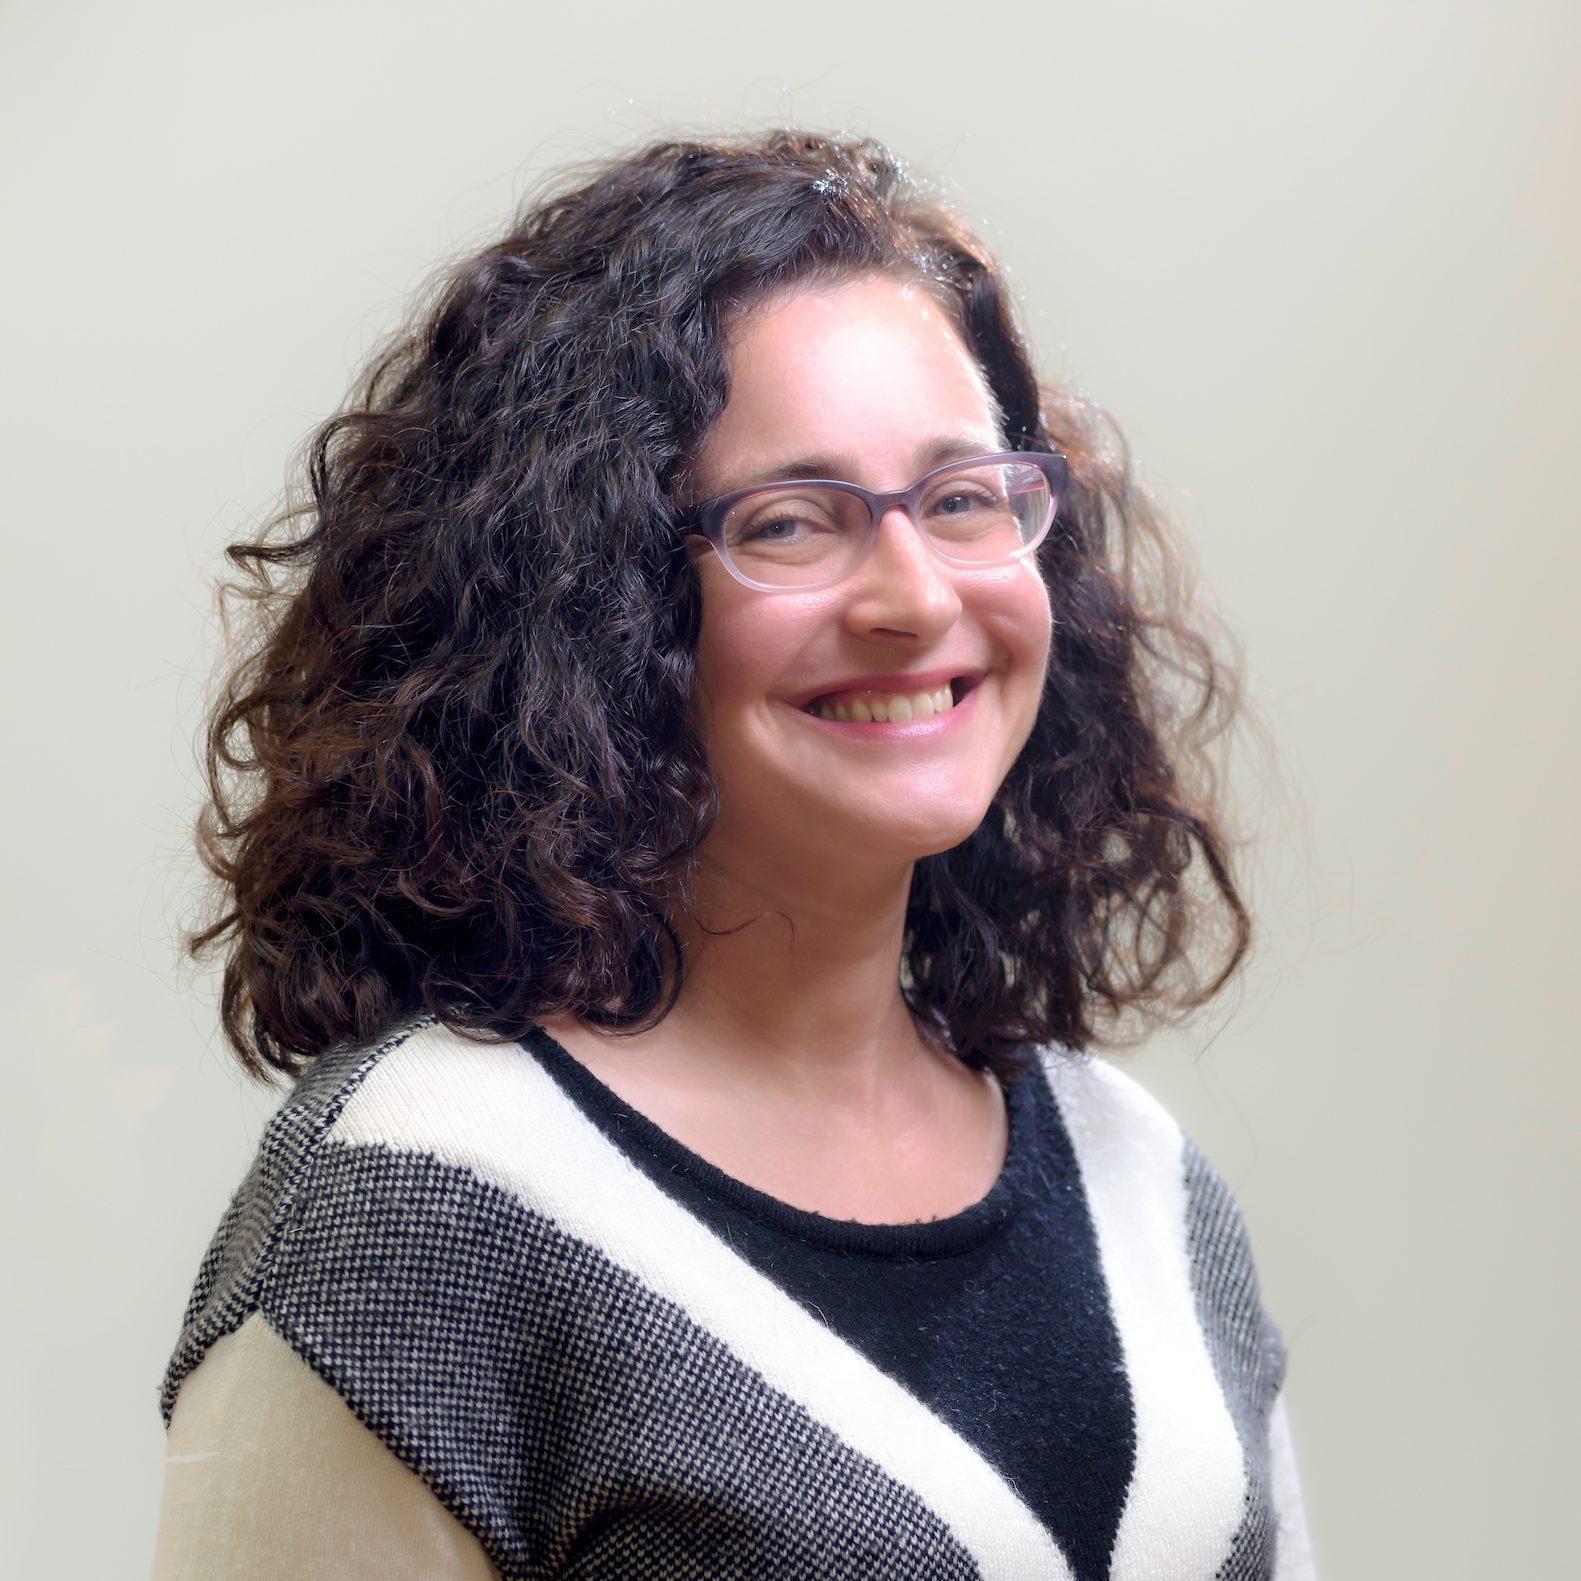 Sheila Mulhern